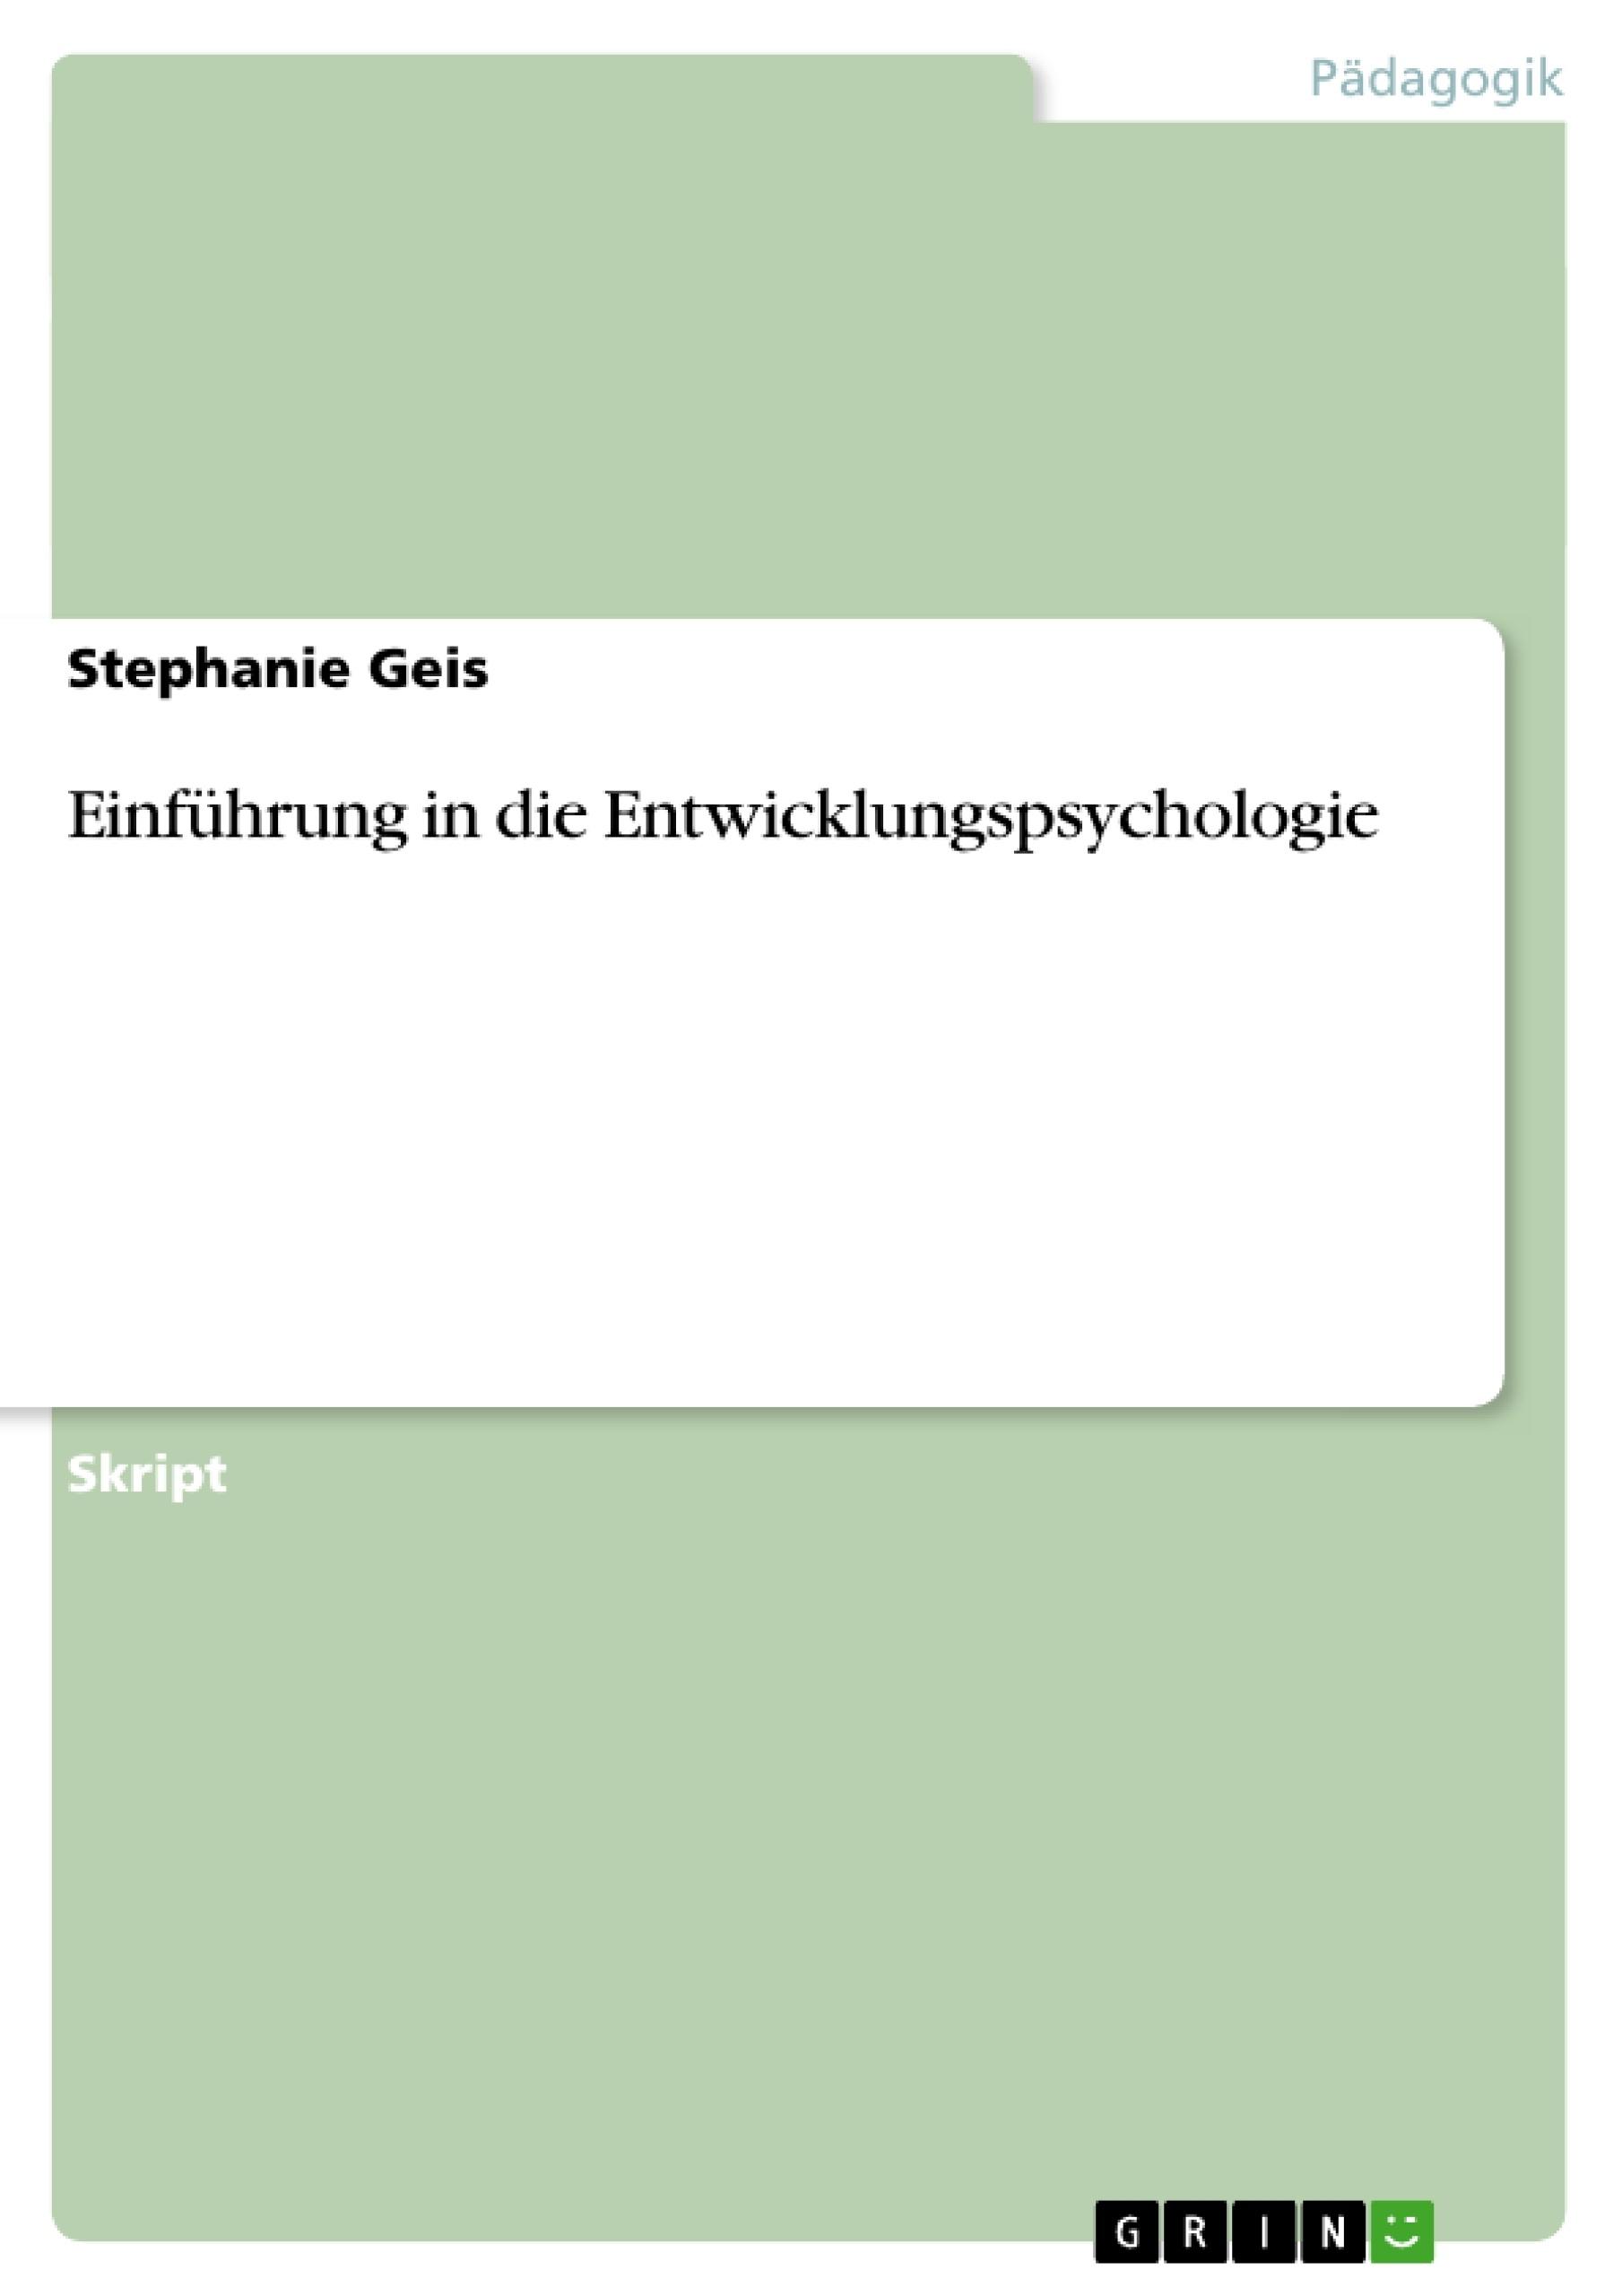 Titel: Einführung in die Entwicklungspsychologie